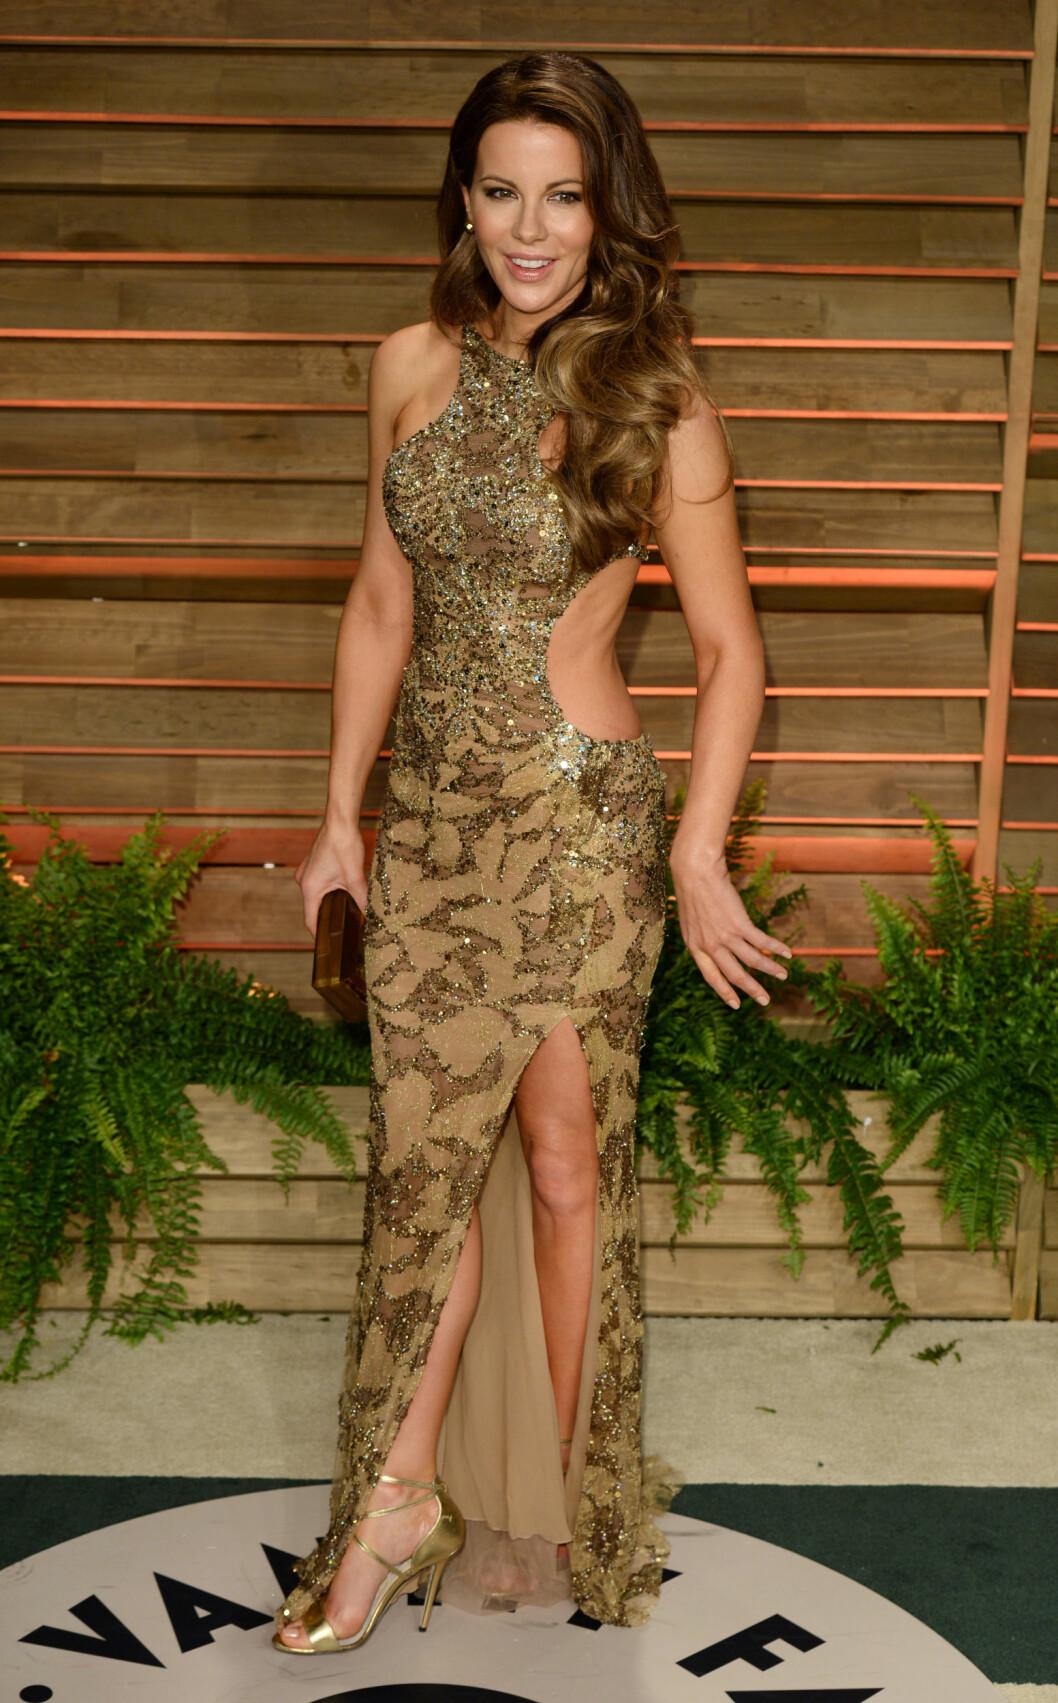 Kate Beckinsale er fantastisk vakker, men her tok hun den avkledde looken litt langt. Foto: REX/David Fisher/All Over Press